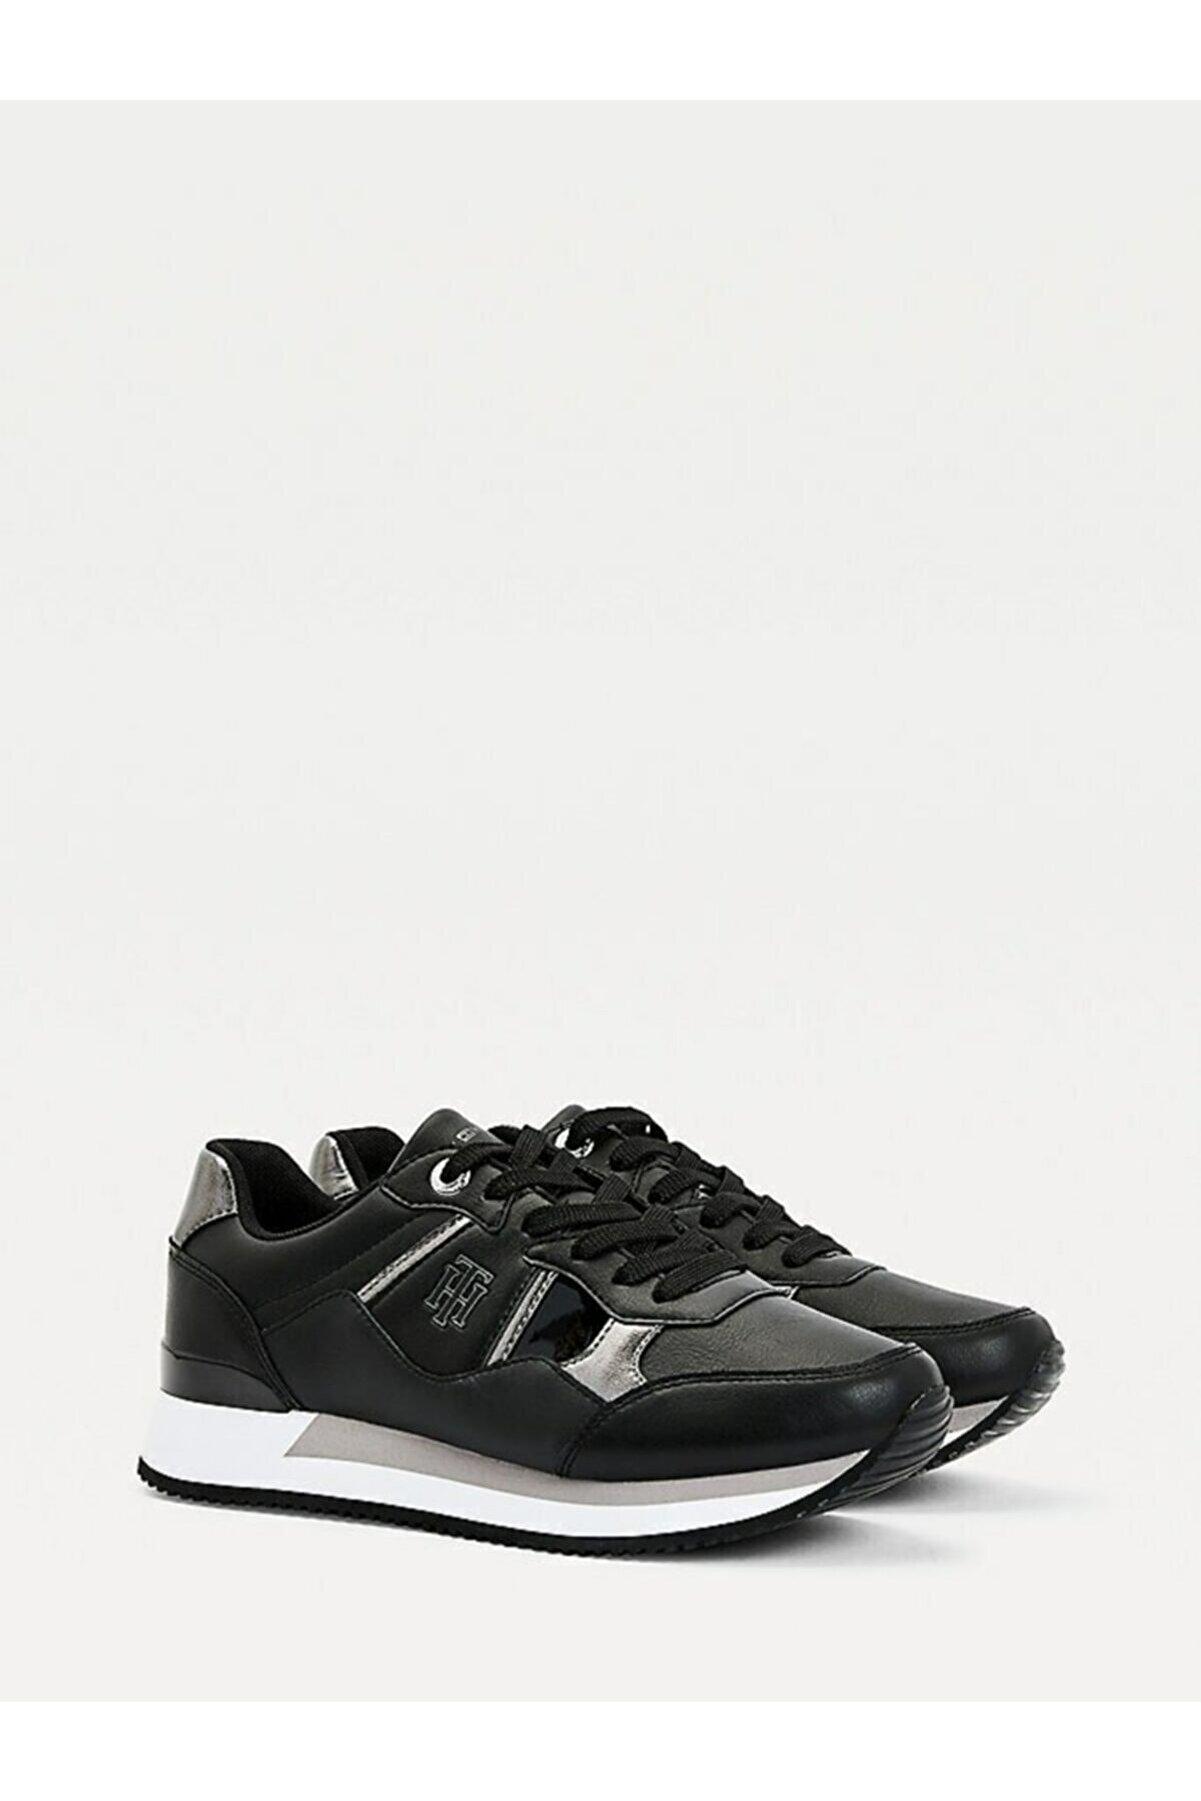 Tommy Hilfiger Th Interlock Cıty Sneaker